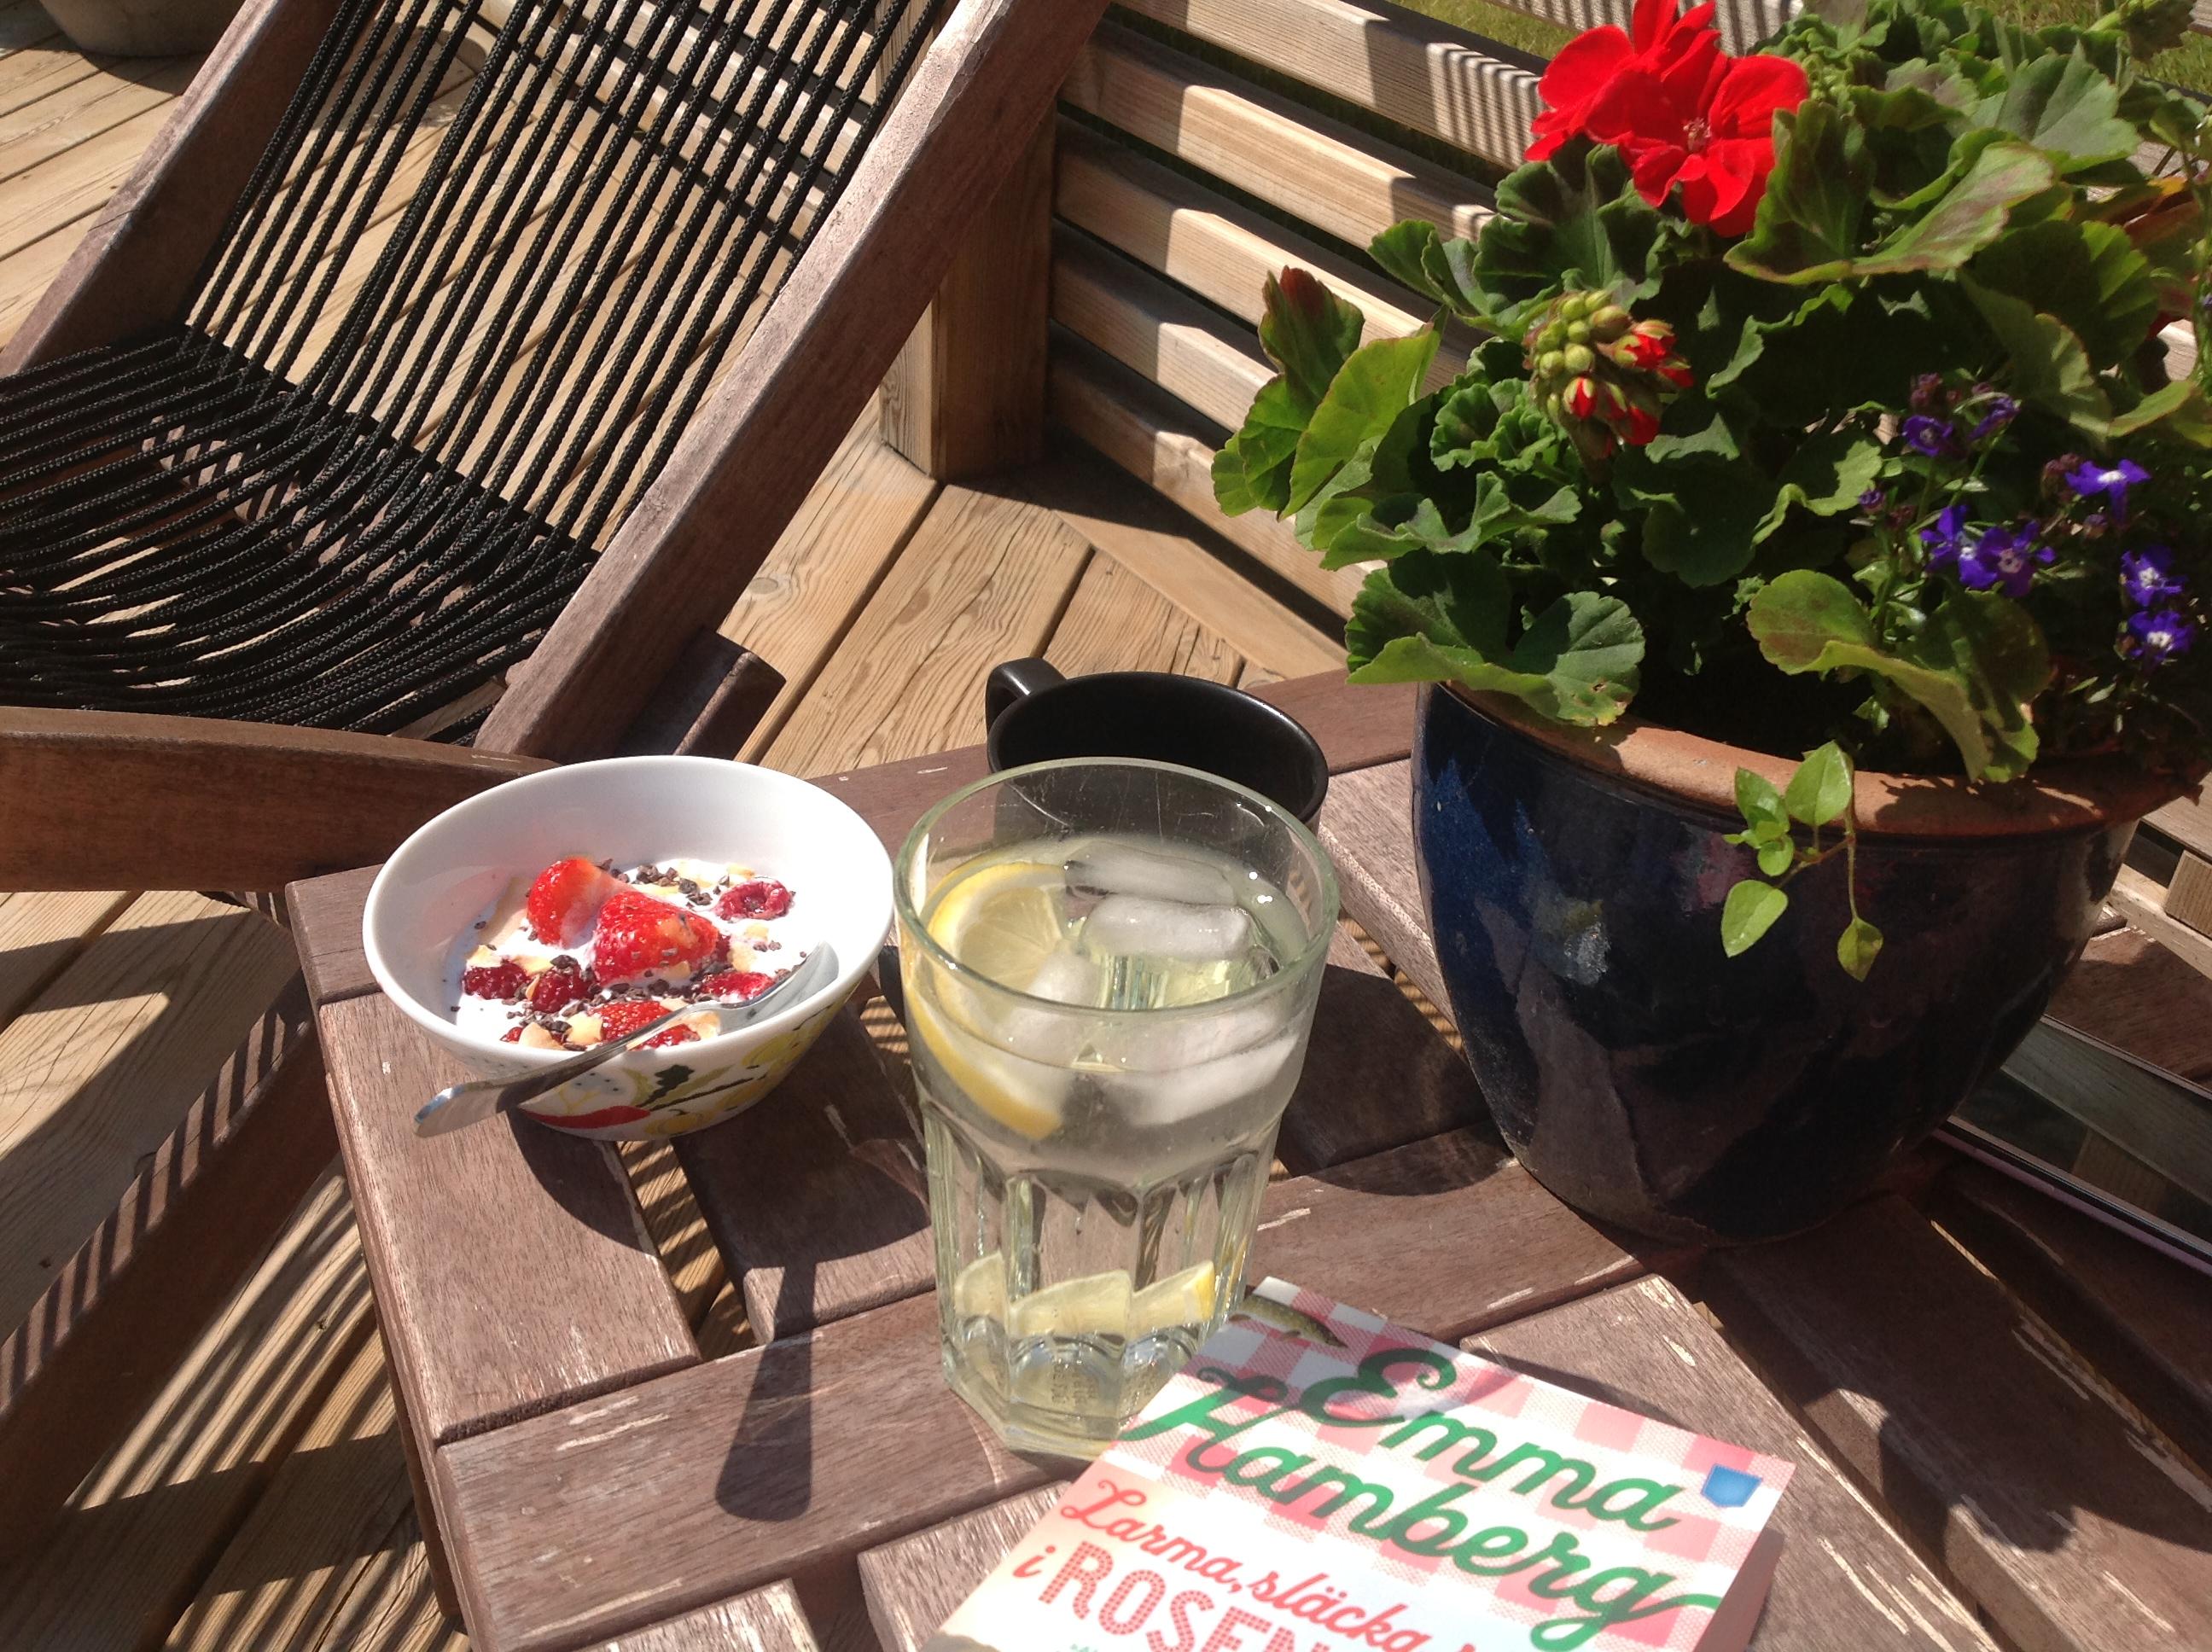 Frukost i solen med kokosmjölk och hallon